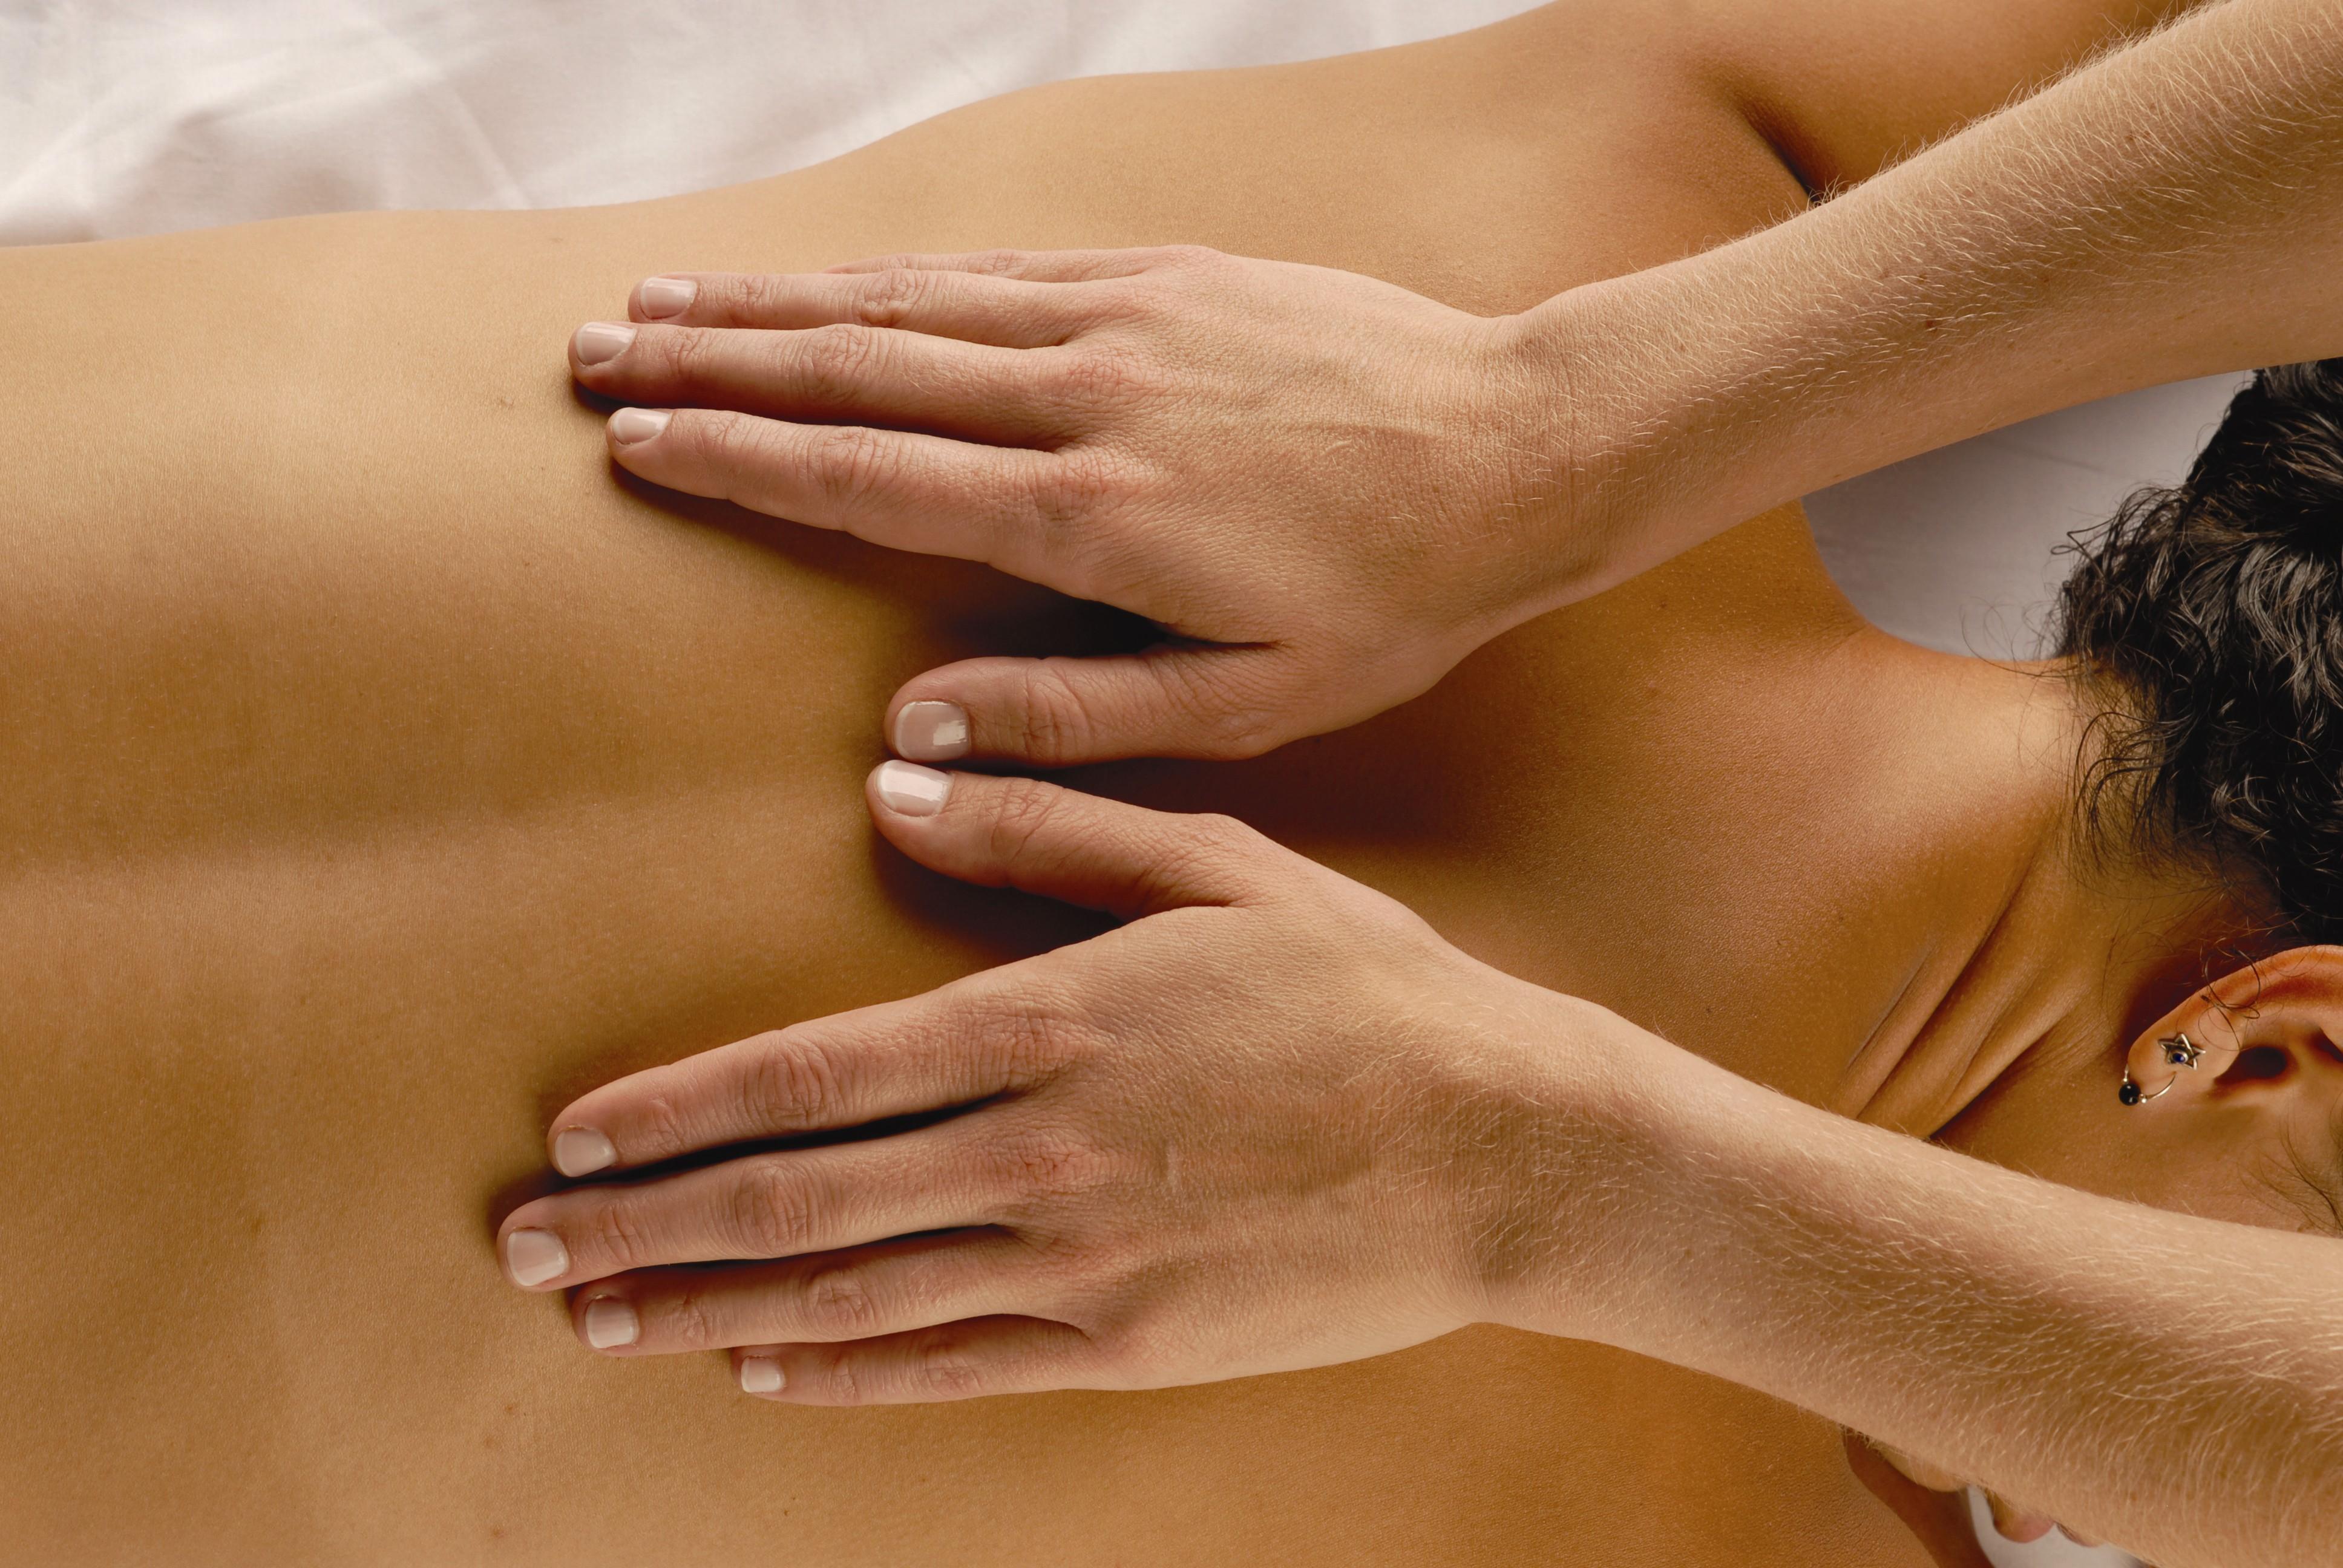 afro massage stockholm fleshligt